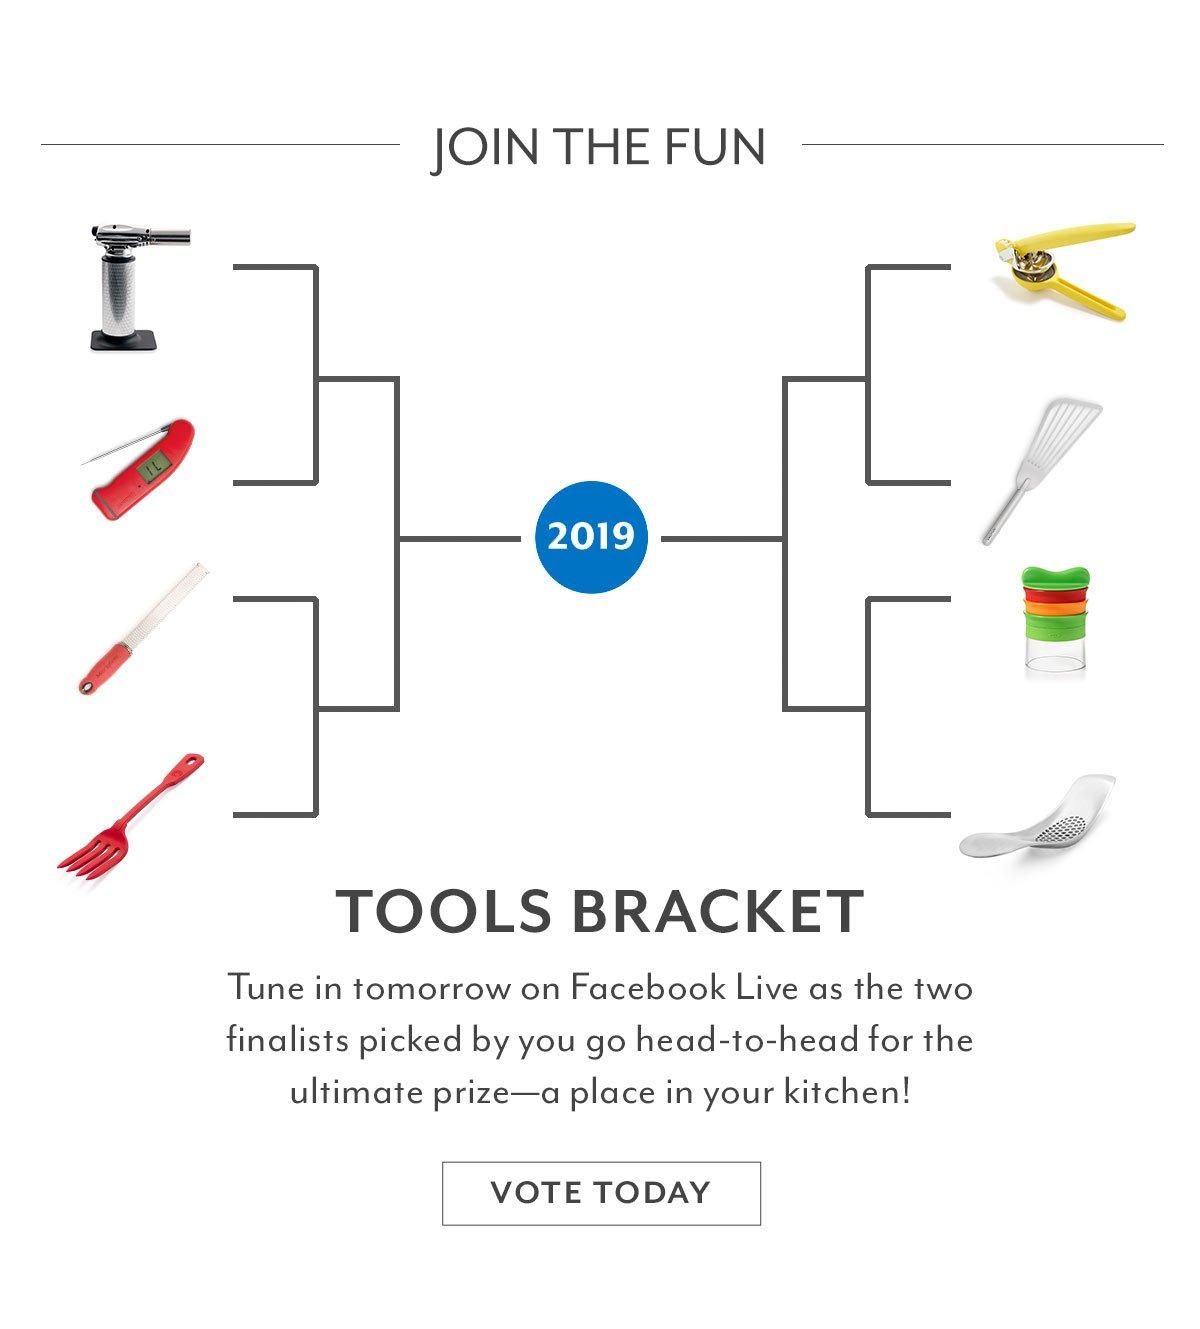 Tools Bracket